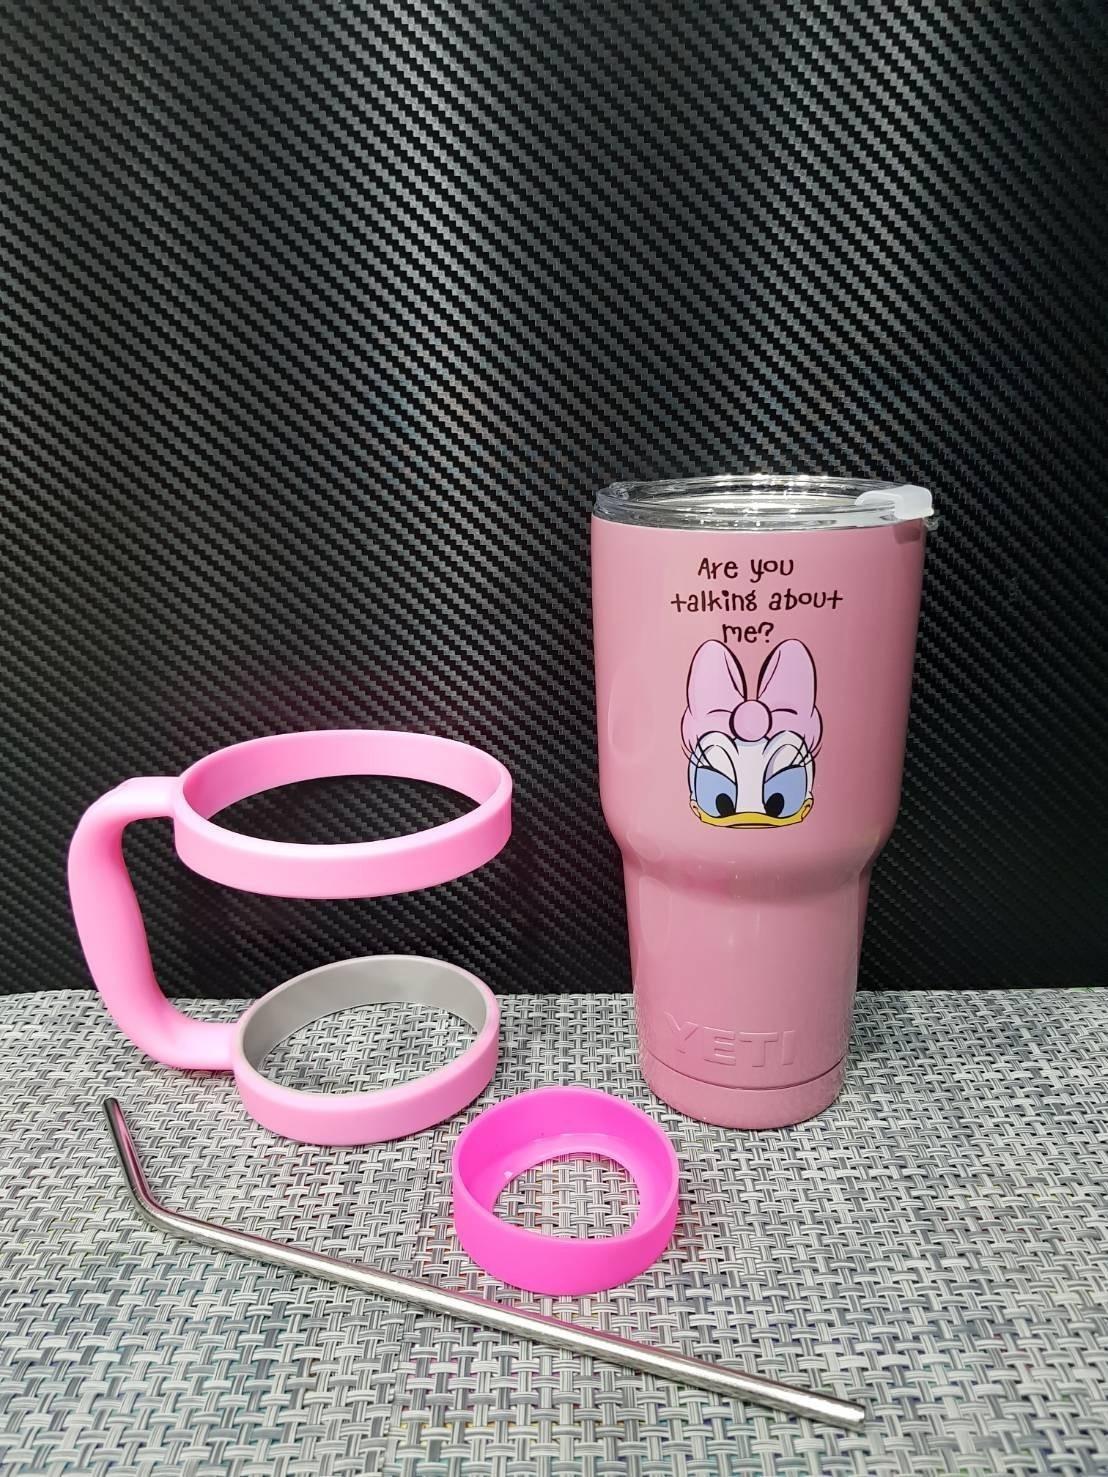 ชุดแก้วเยติ 30 ออนซ์ พื้นสีชมพู ลายการ์ตูน เดซี่ ดั๊ก